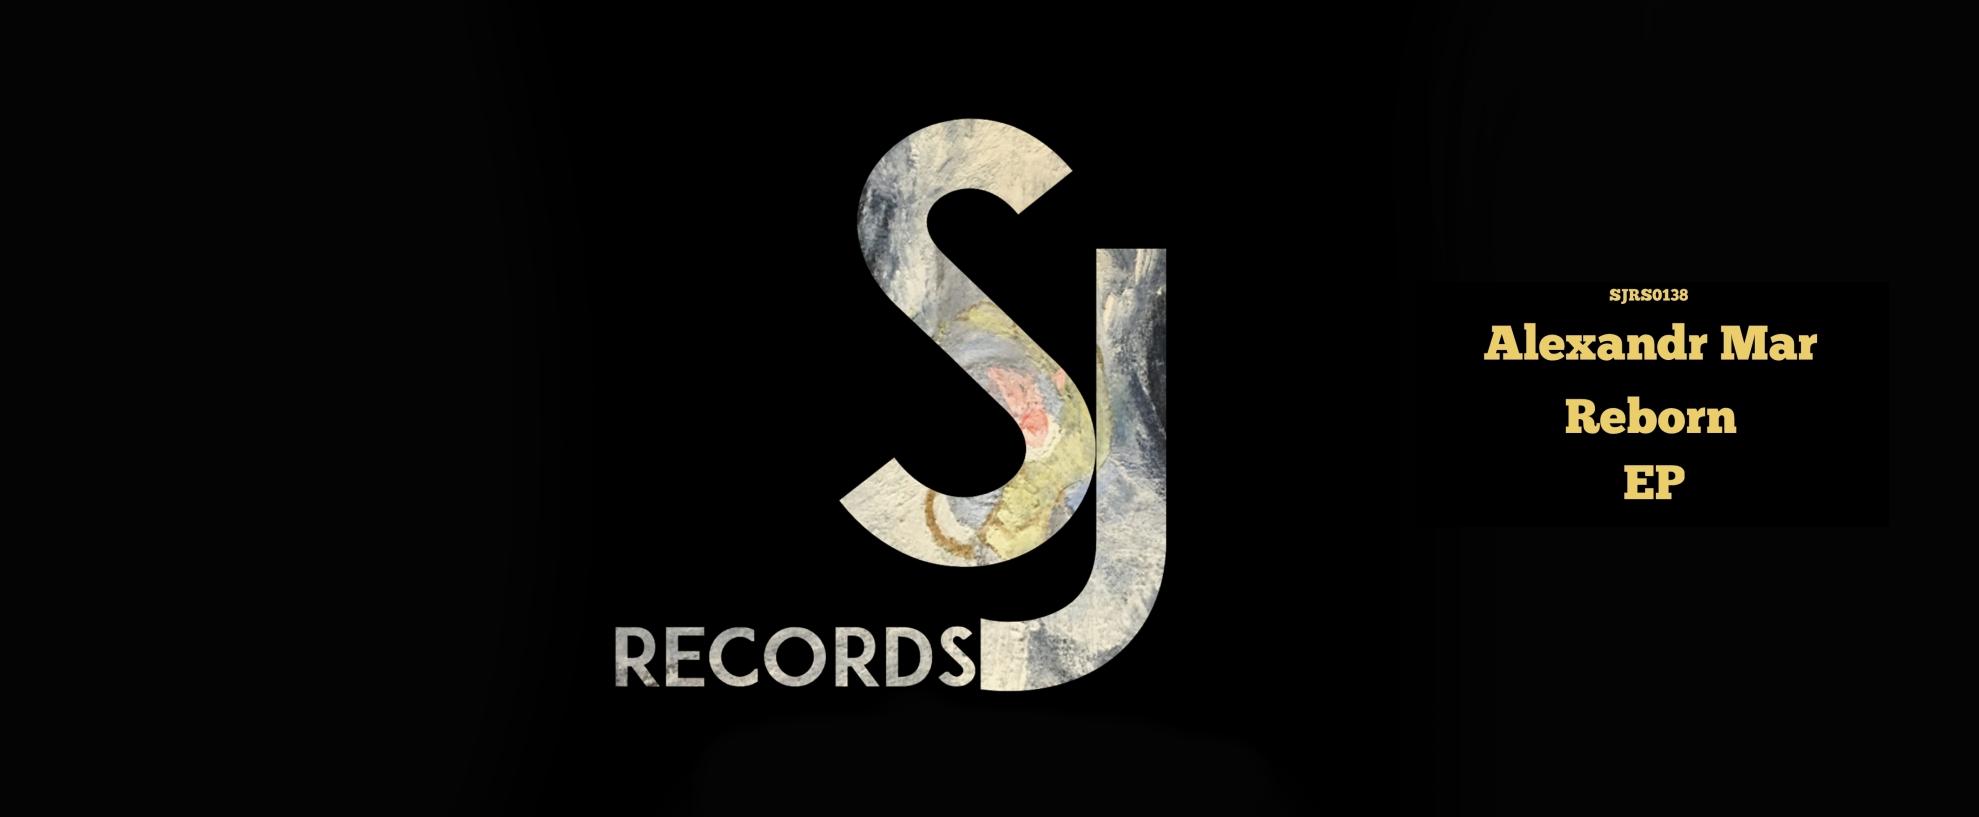 SJRS0138-slide